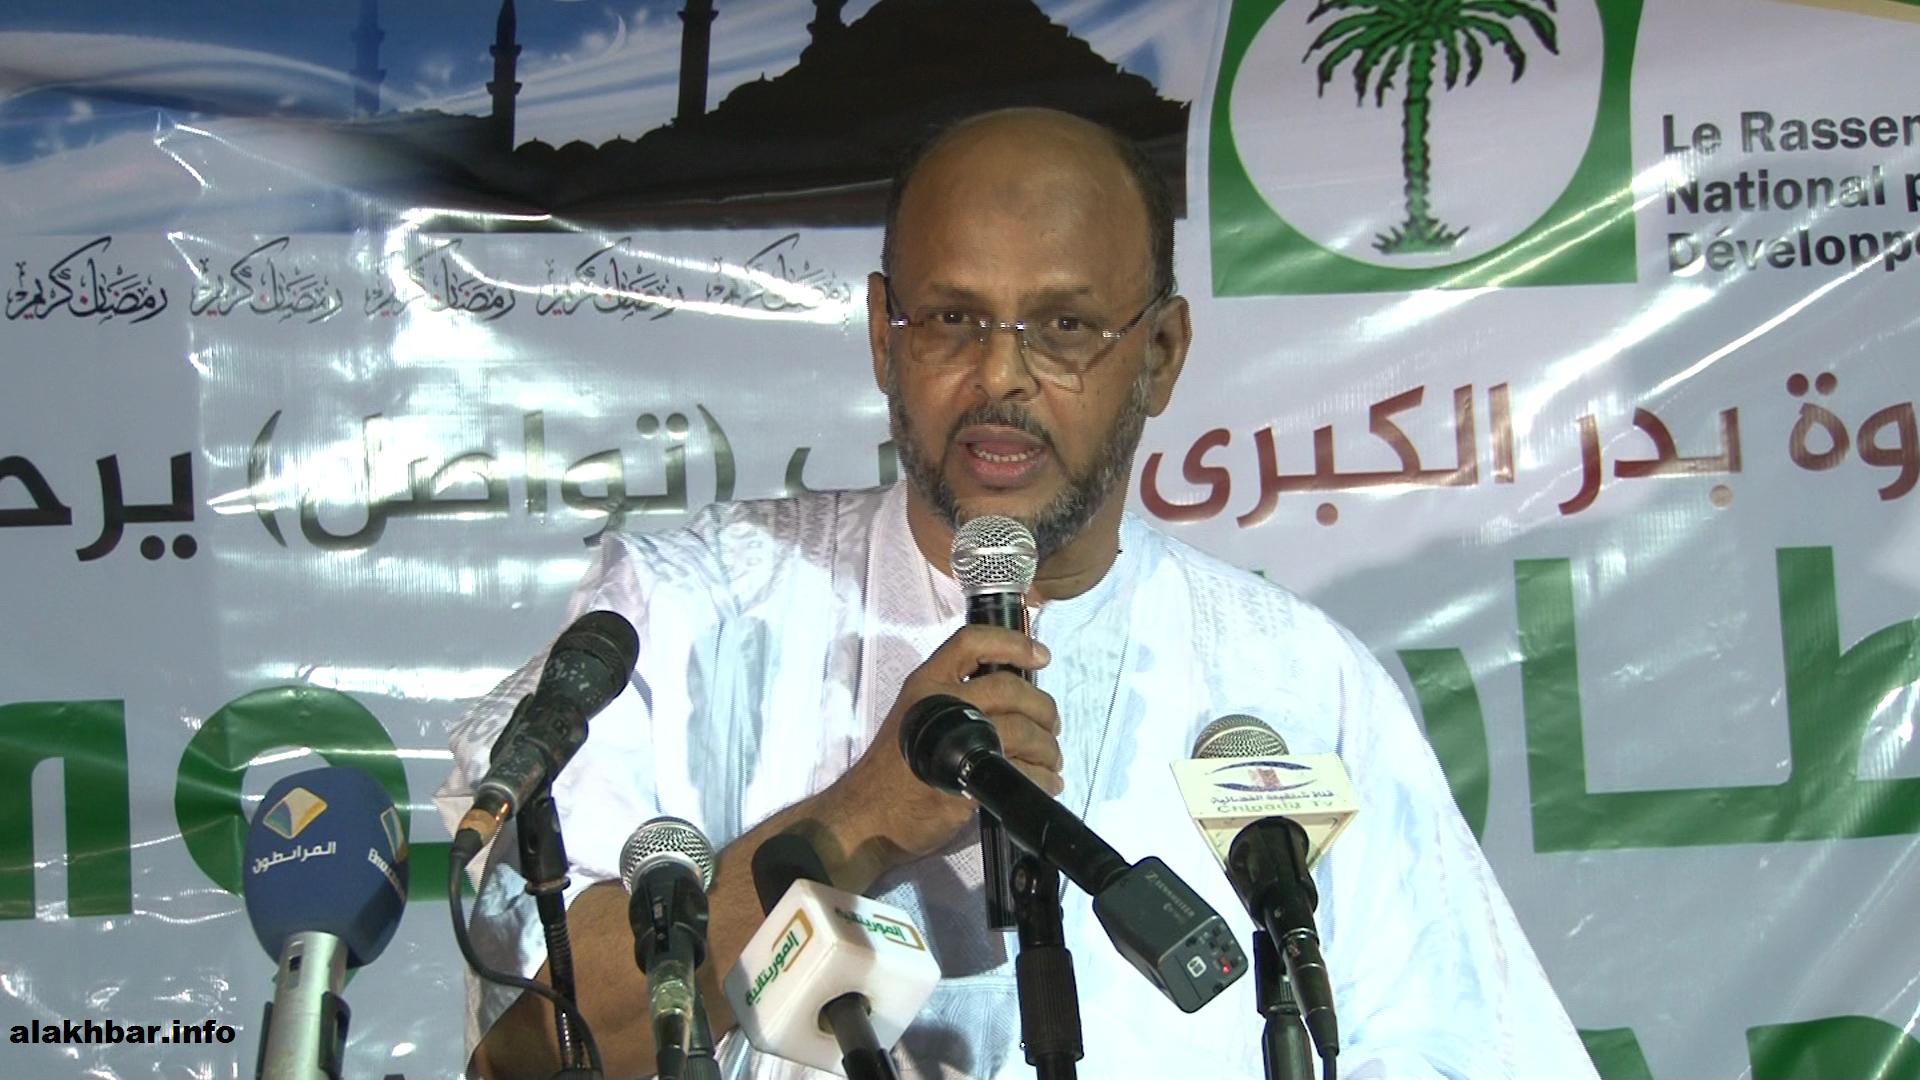 القيادي في منتدى المعارضة والرئيس السابق لحزب تواصل محمد جميل ولد منصور